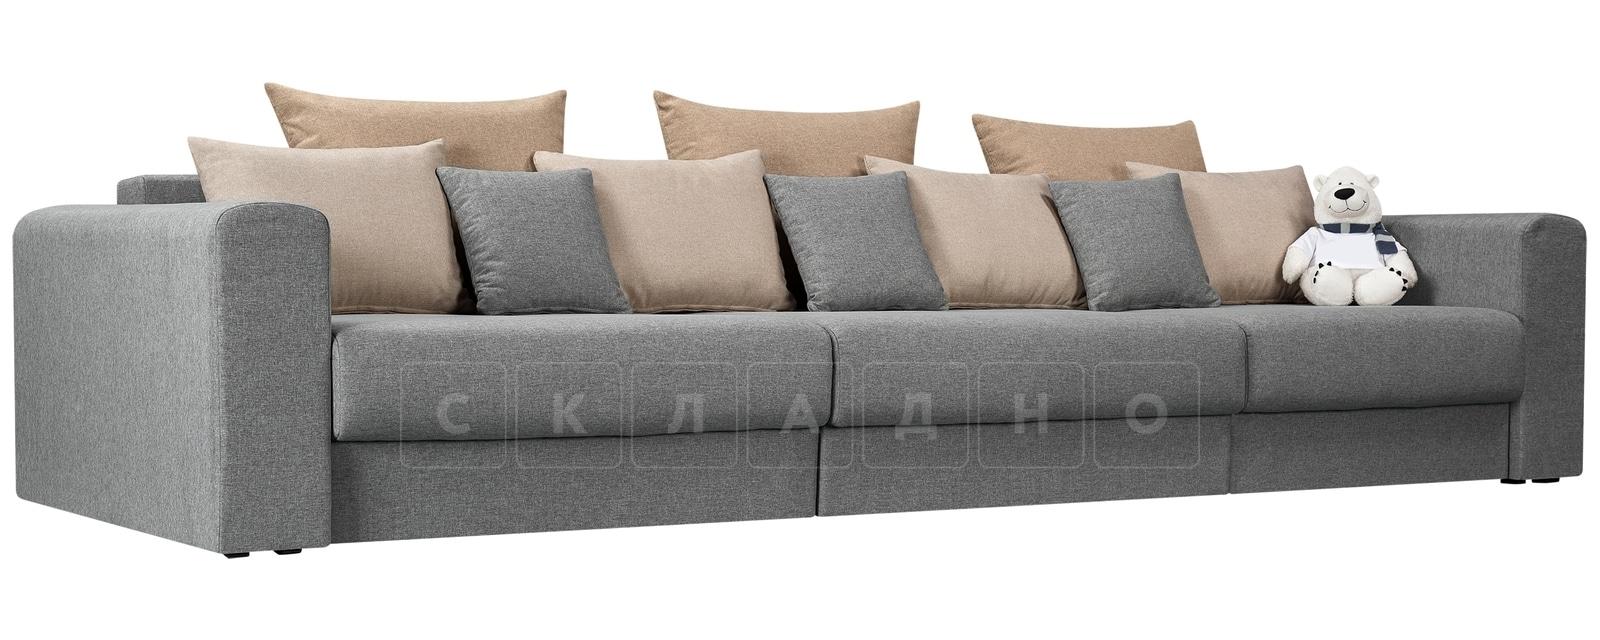 Диван Медисон серый 325 см фото 1 | интернет-магазин Складно